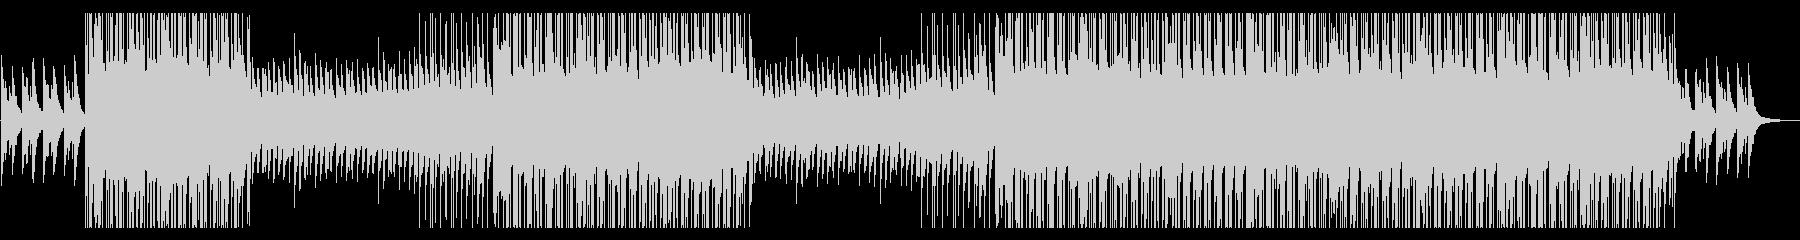 ピアノが印象的な切ないバラードの未再生の波形